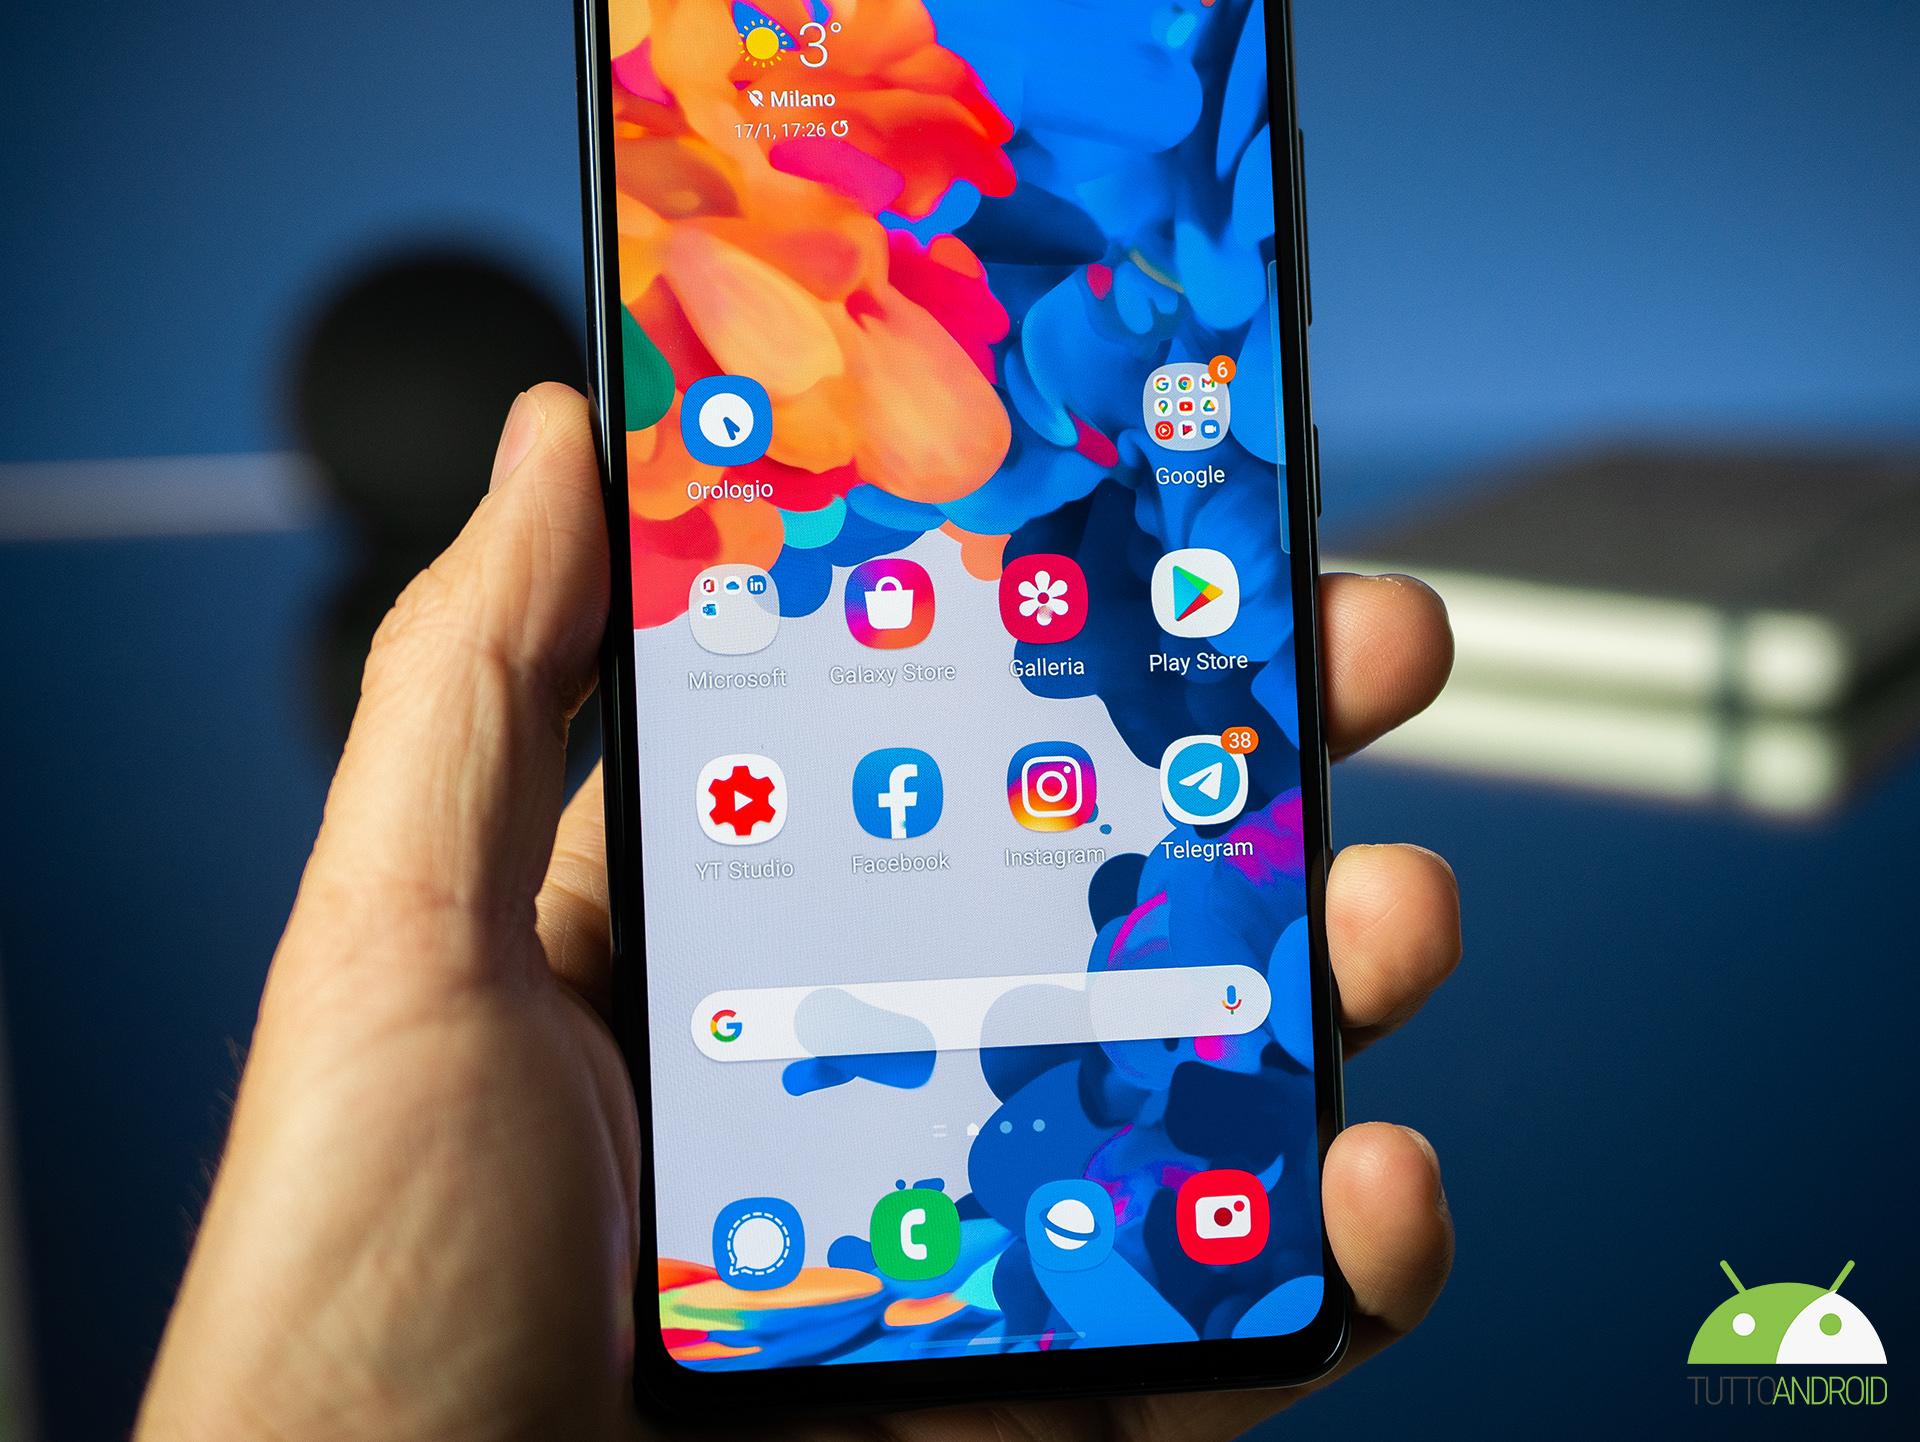 Samsung aggiorna anche il modulo Task Changer con alcune novità